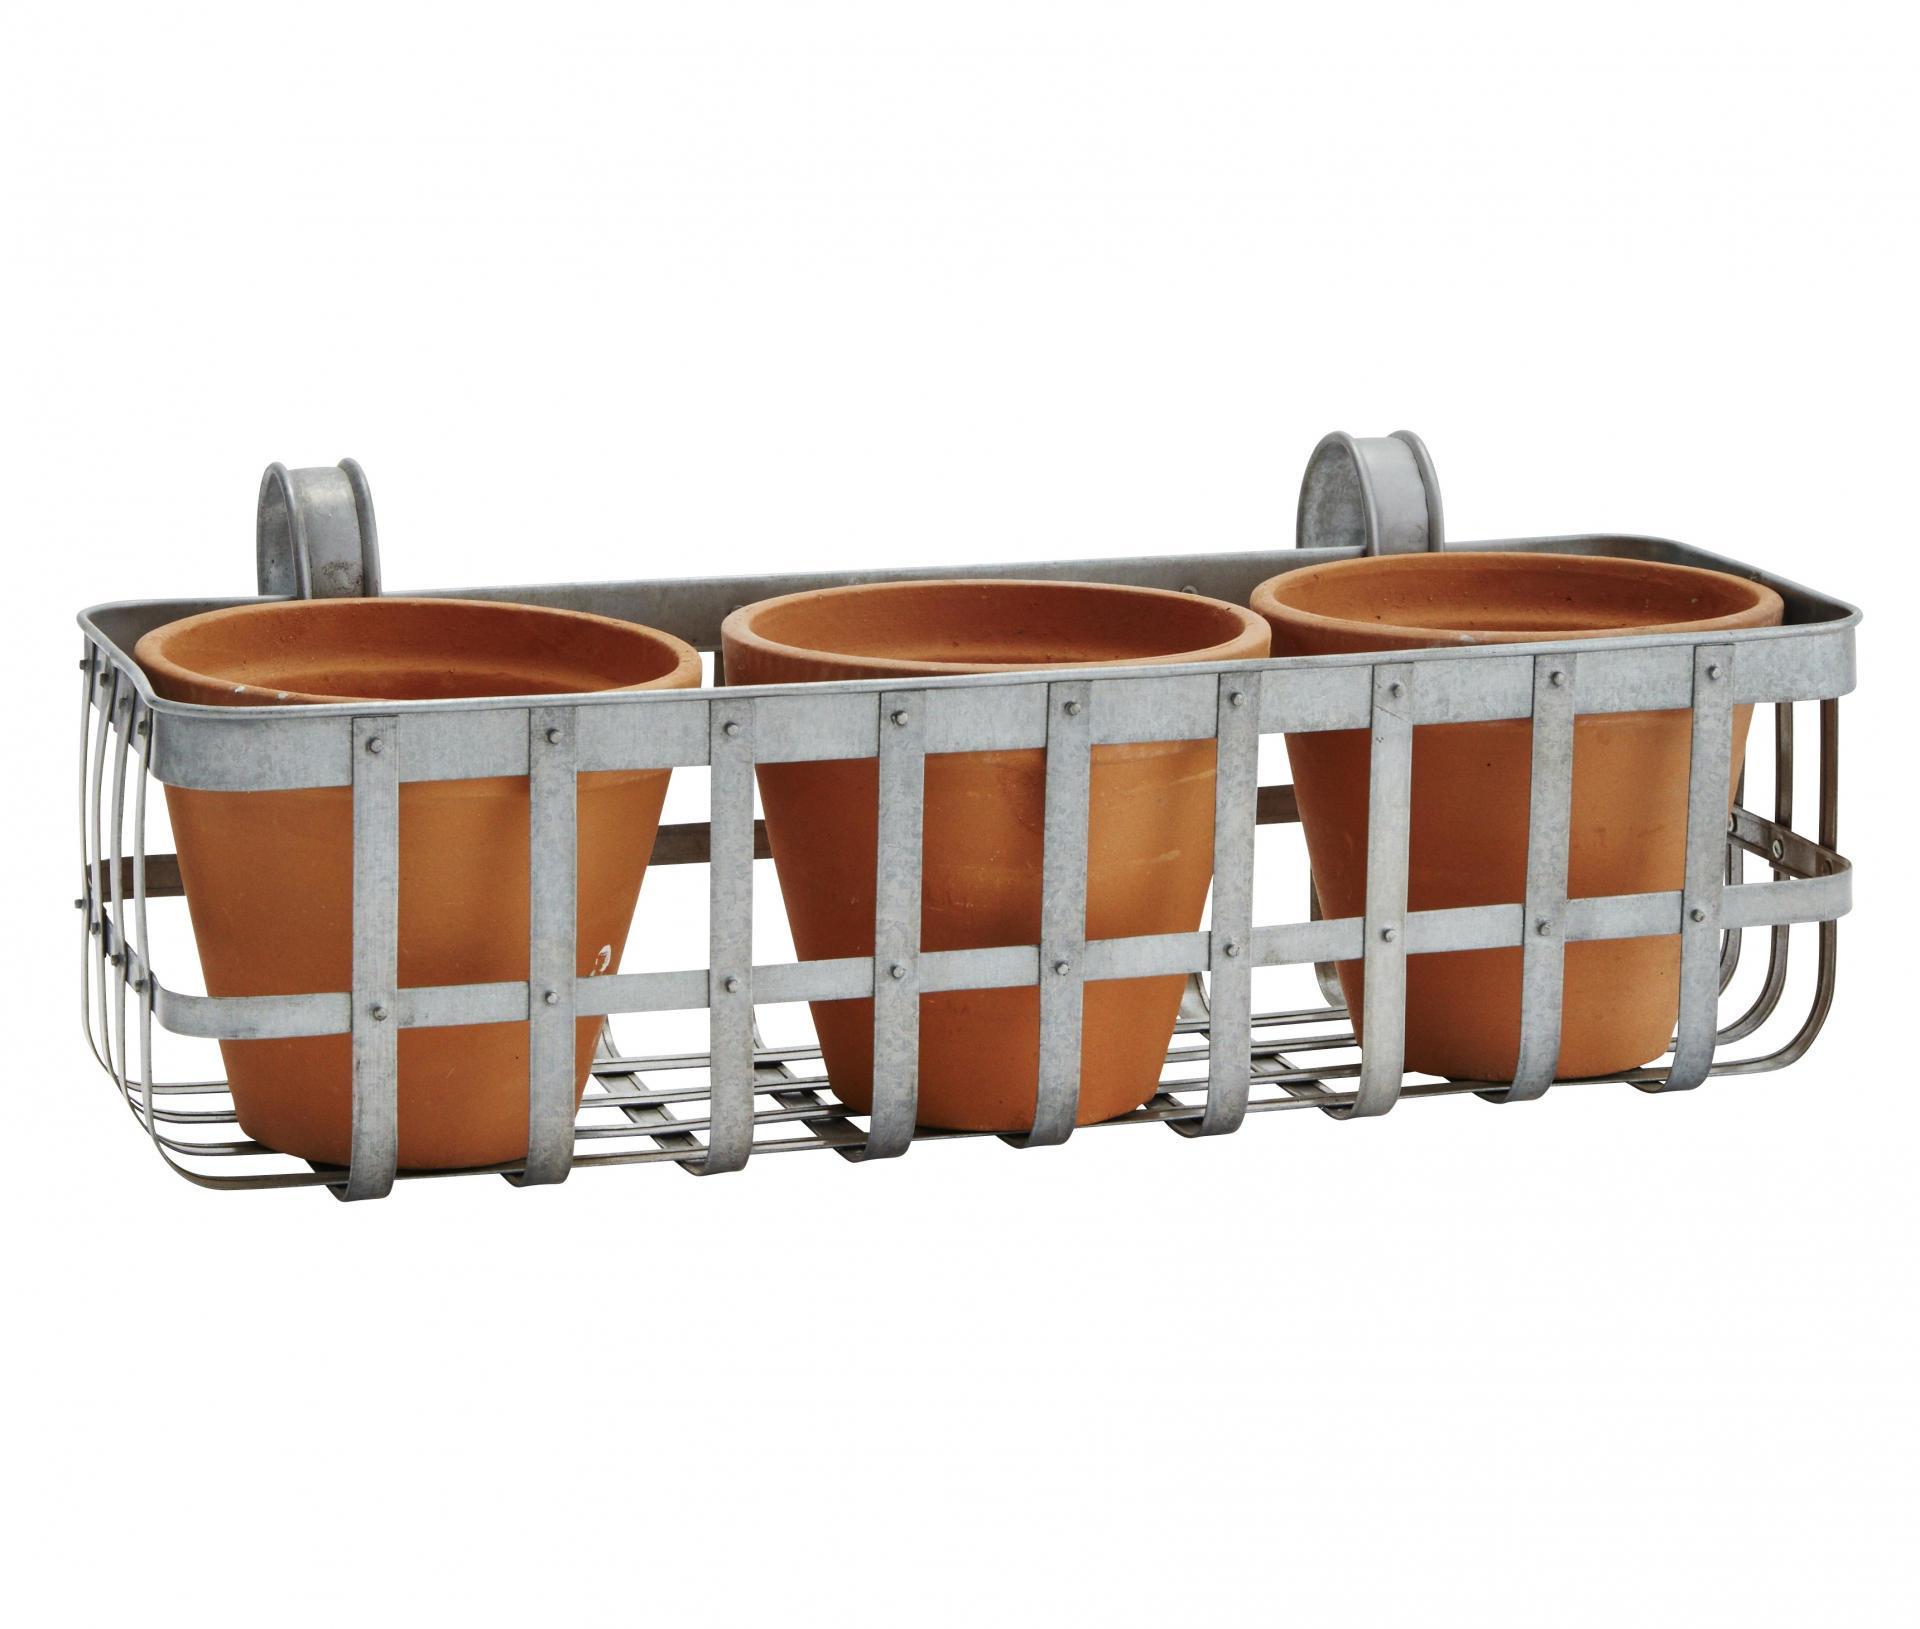 MADAM STOLTZ Zinkový košík se třemi květináči - větší, oranžová barva, šedá barva, stříbrná barva, zinek, keramika